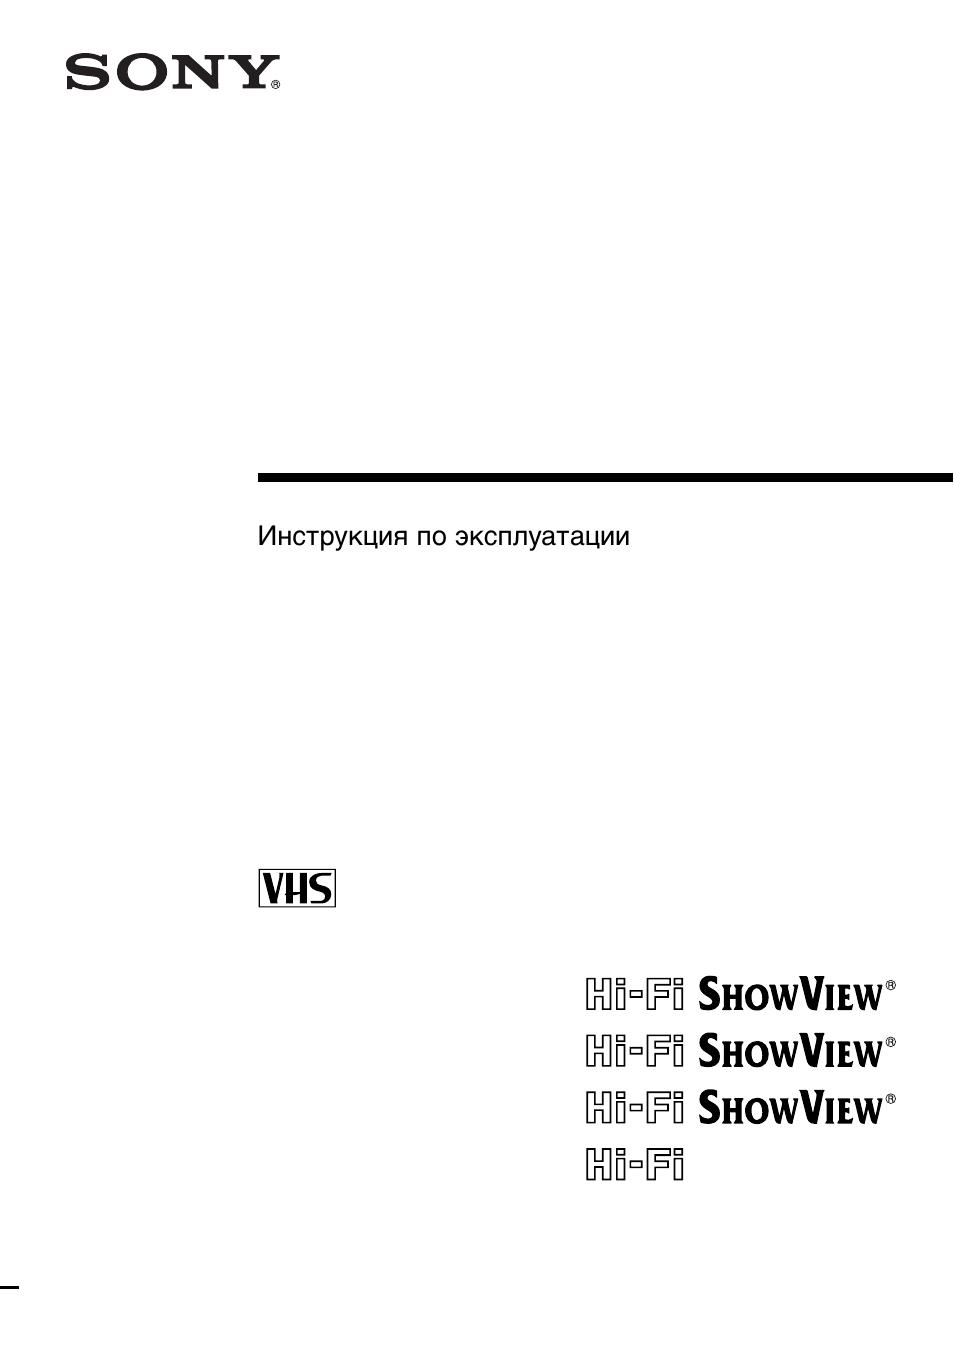 инструкция для видеомагнитофона sony slv-x715sg